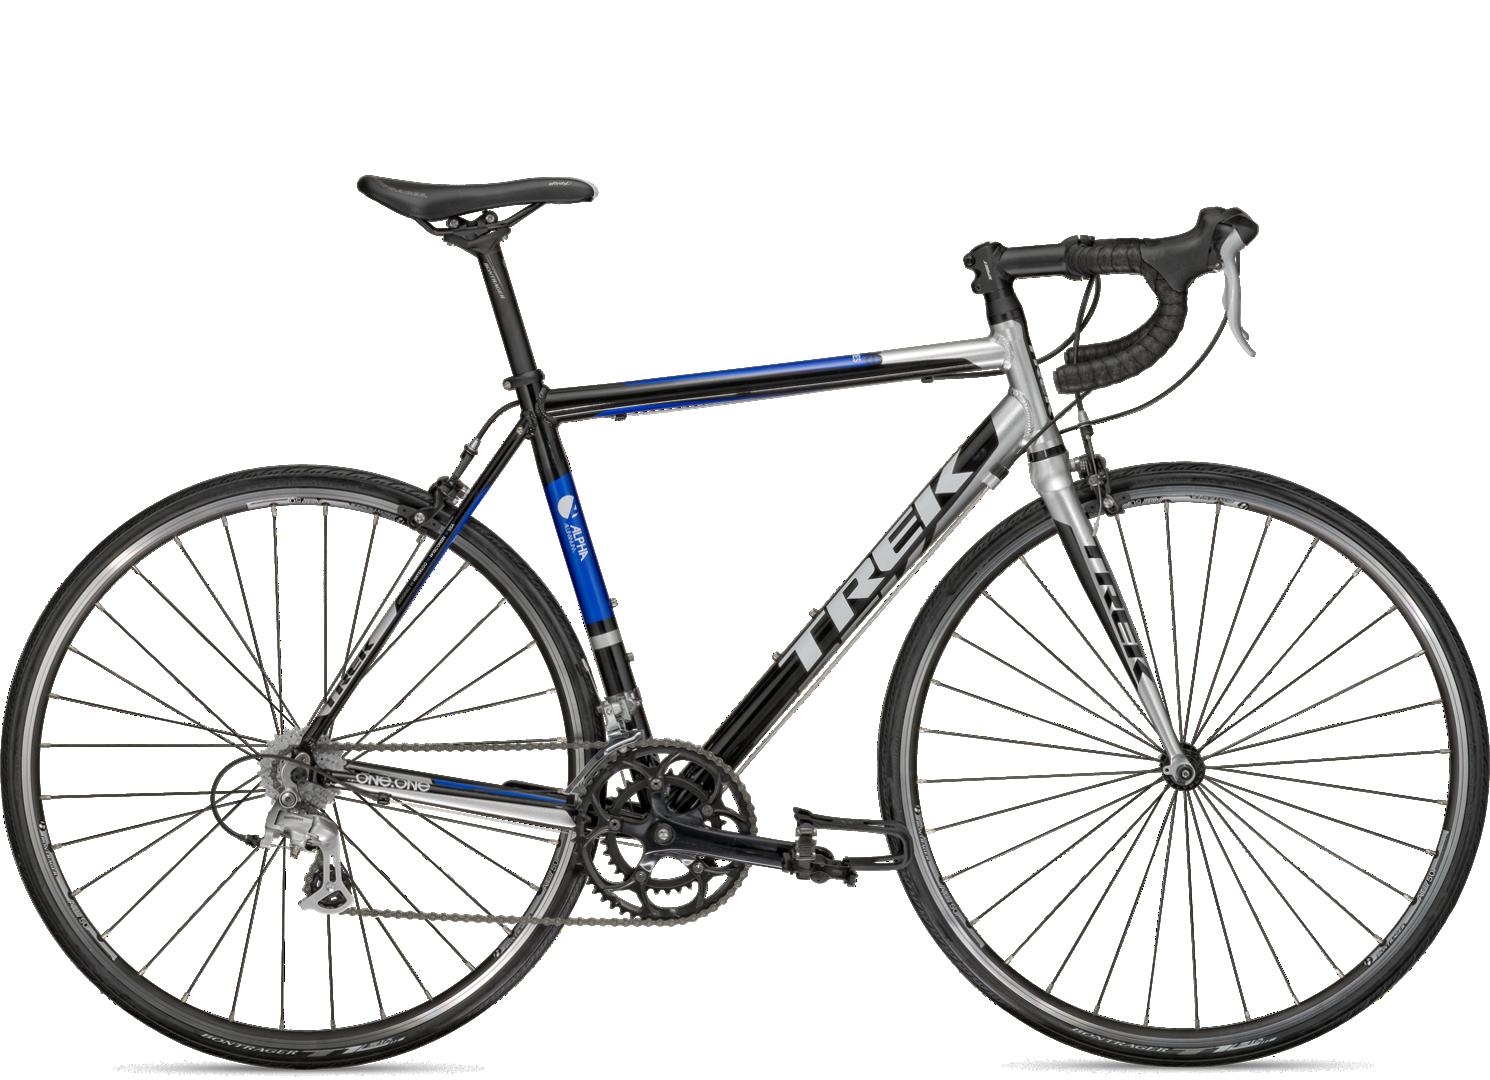 The Best Bicycle Shop Blog: 2012 Trek 1.1 Road Bike Is